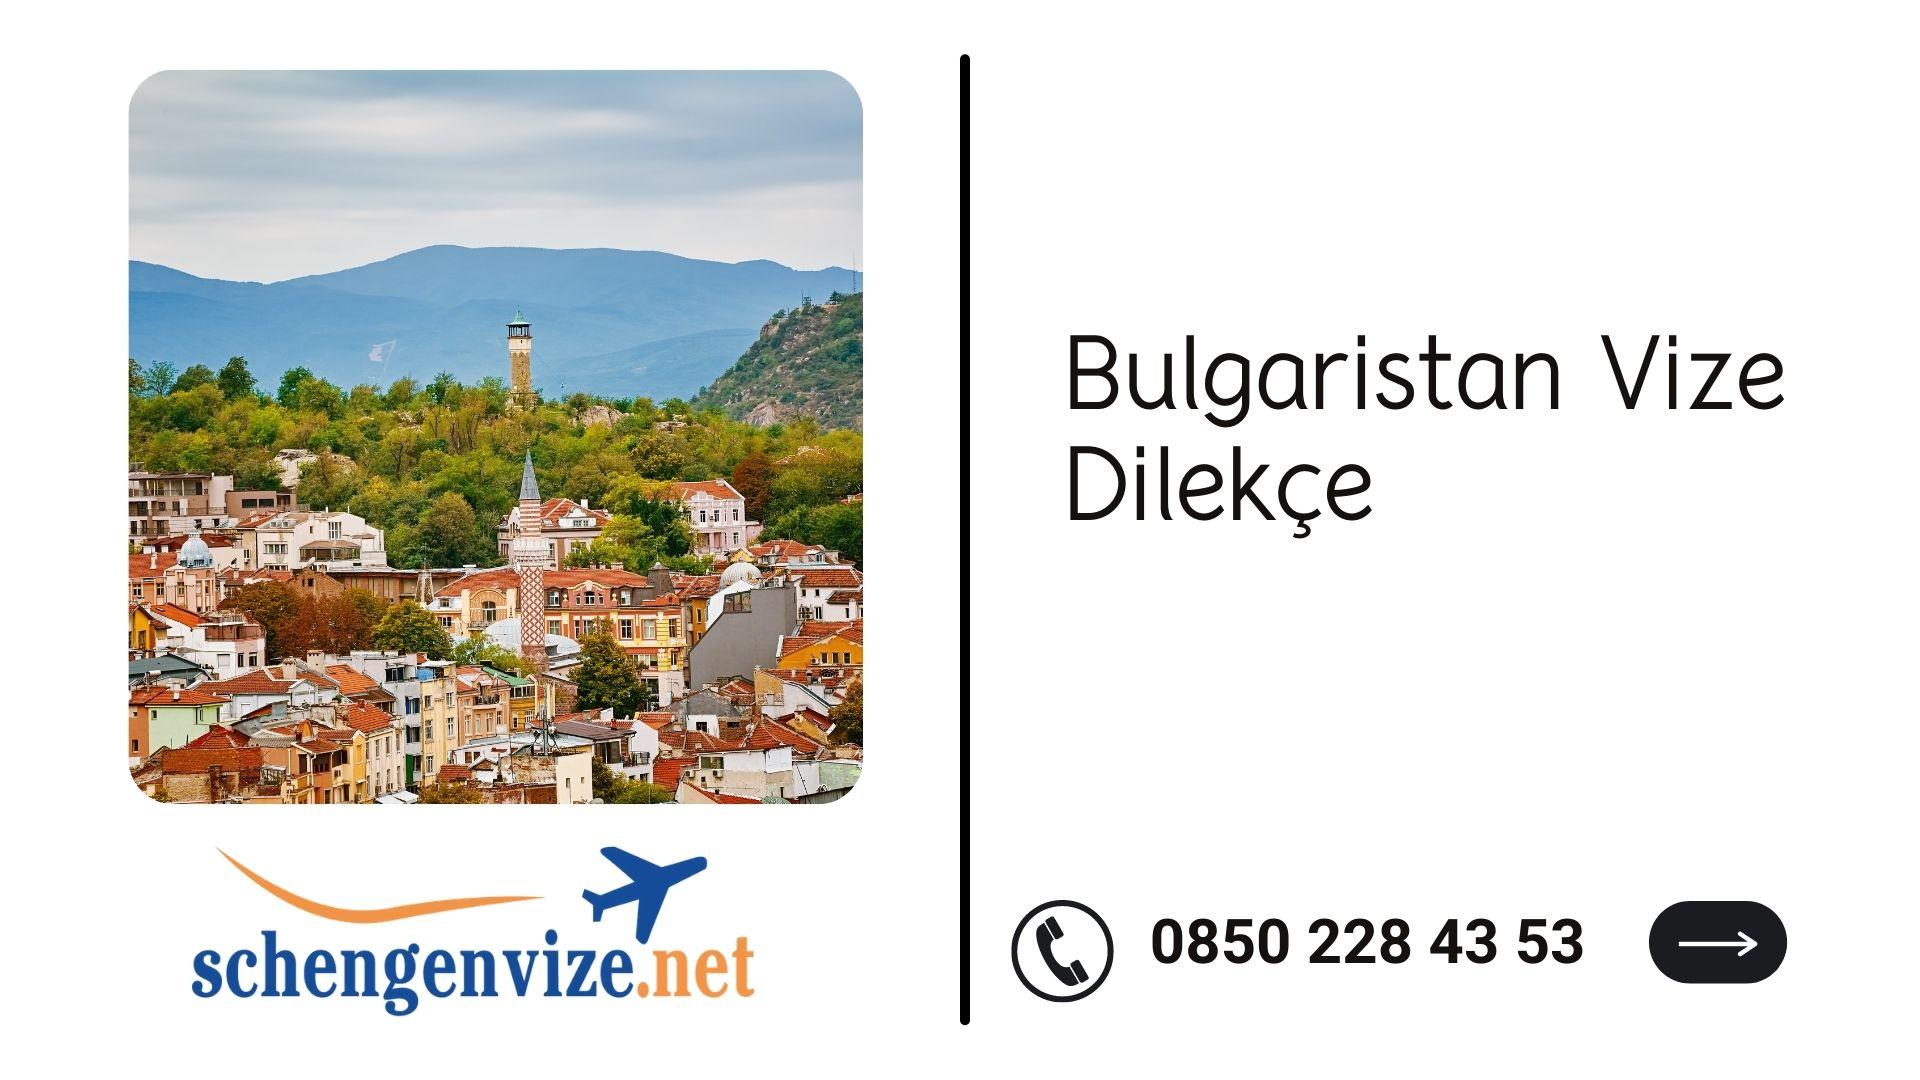 Bulgaristan Vize Dilekçe